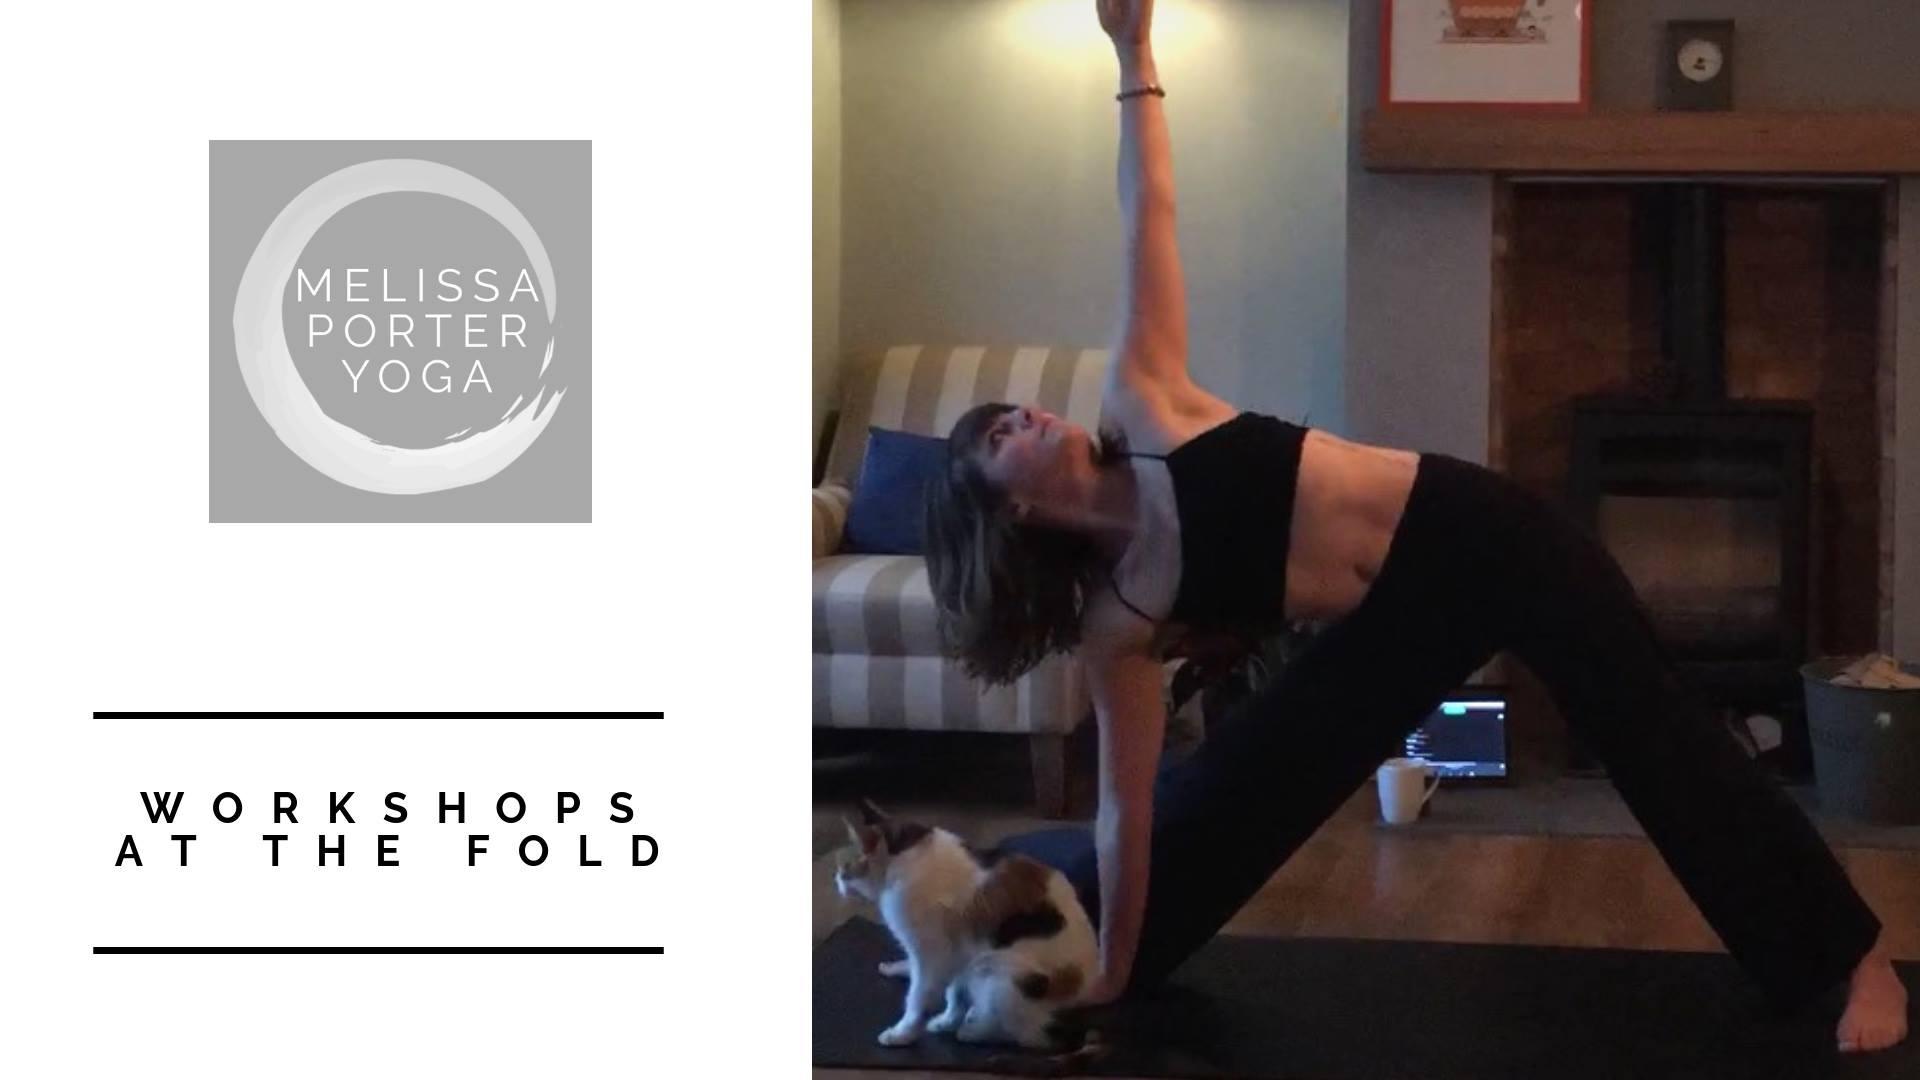 melissa porter home yoga workshop